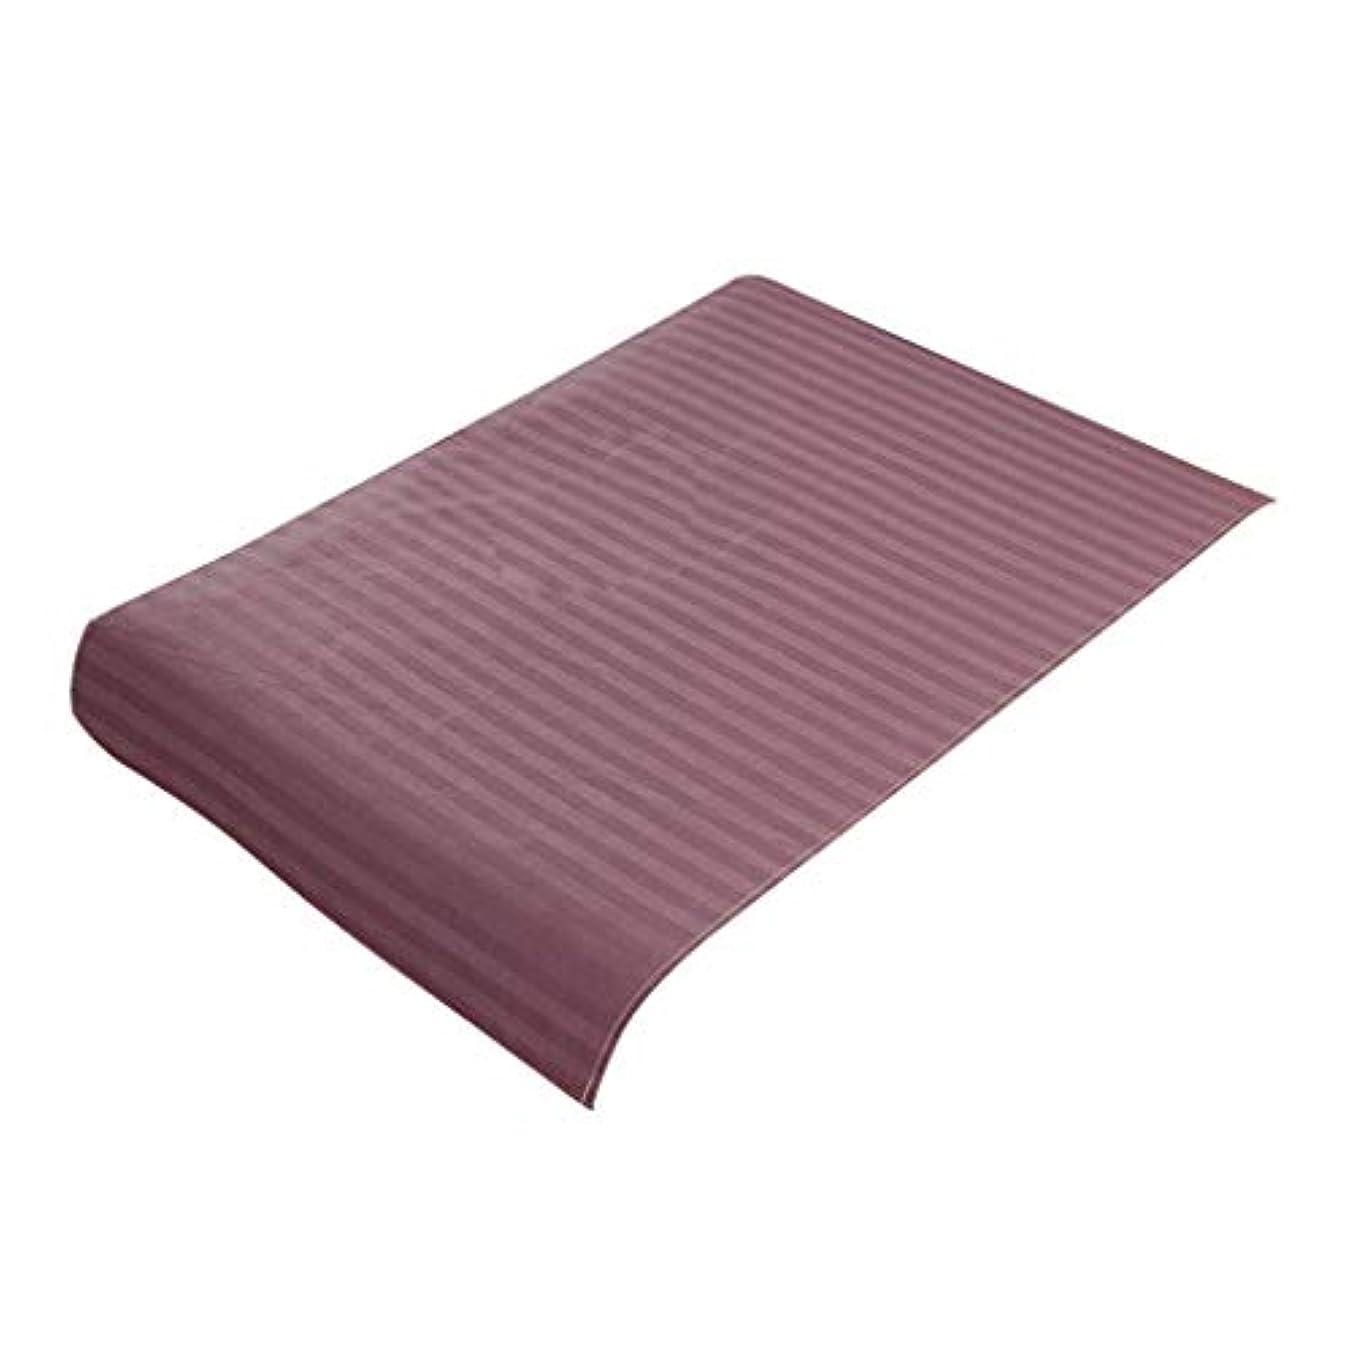 サポートメンタル通訳P Prettyia スパ マッサージベッドカバー 美容ベッドカバー 綿製 断面 マッサージテーブルスカート 60x90cm - 紫